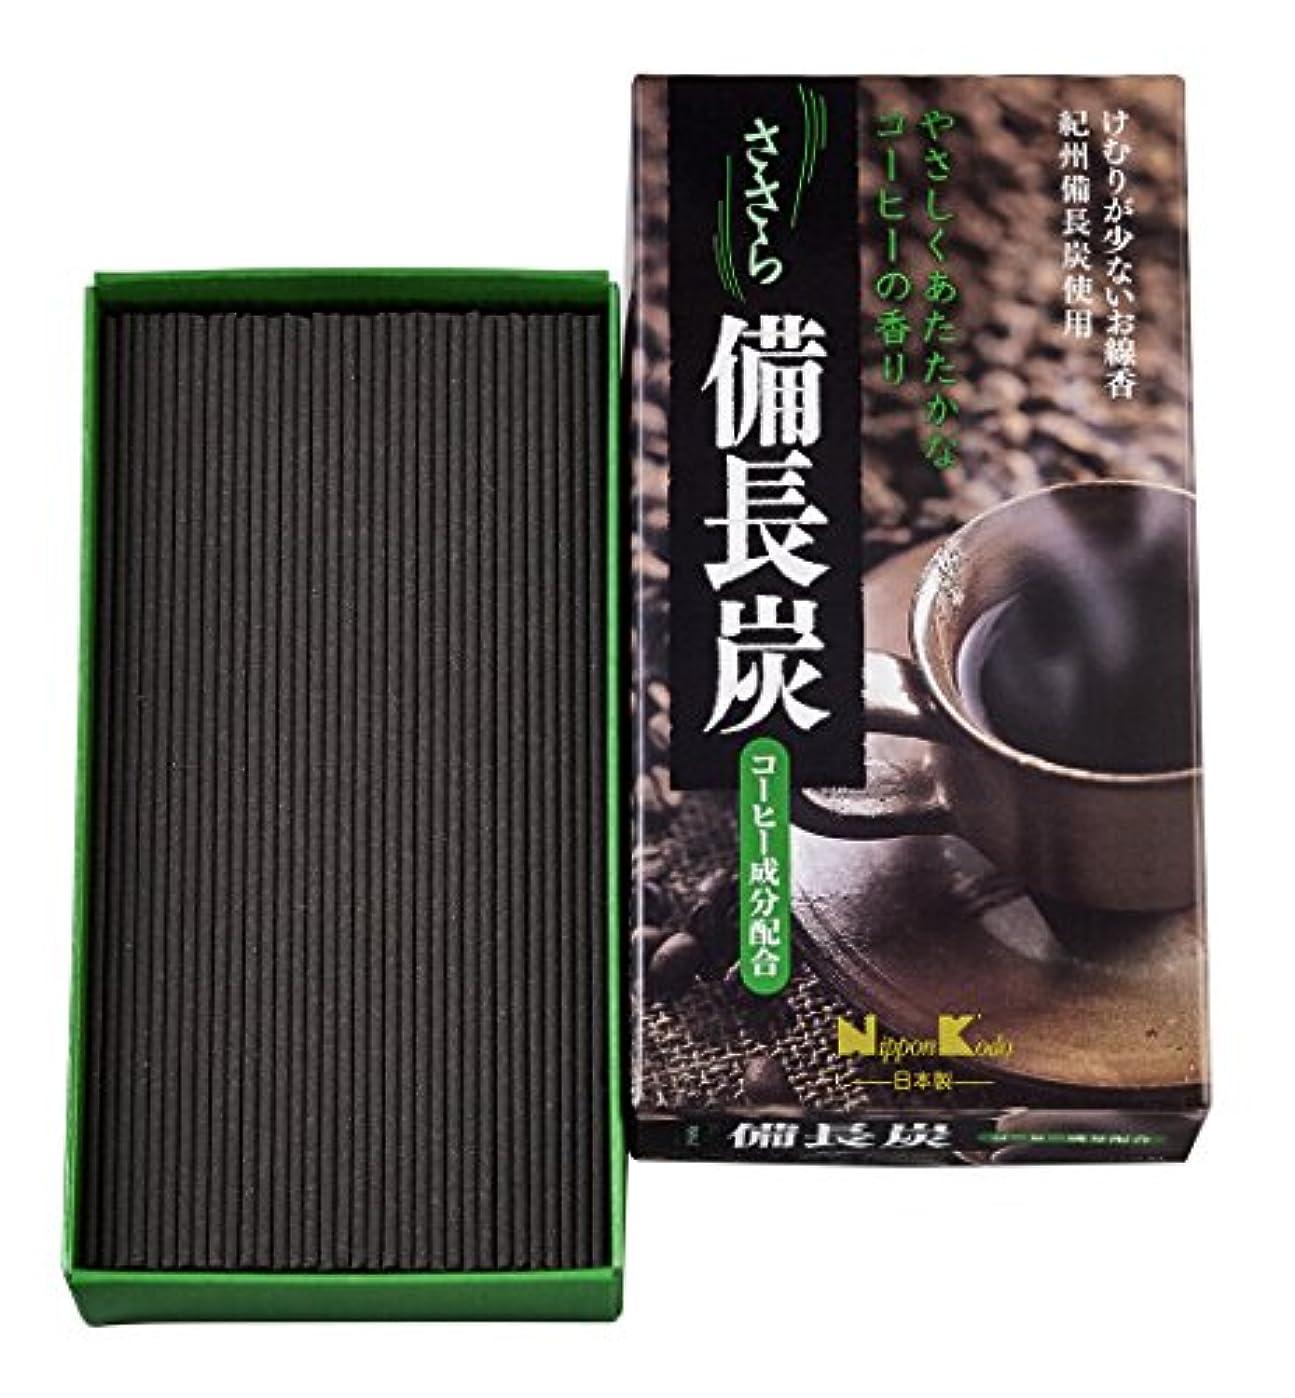 力傾向ワイドささら 備長炭 コーヒー バラ詰